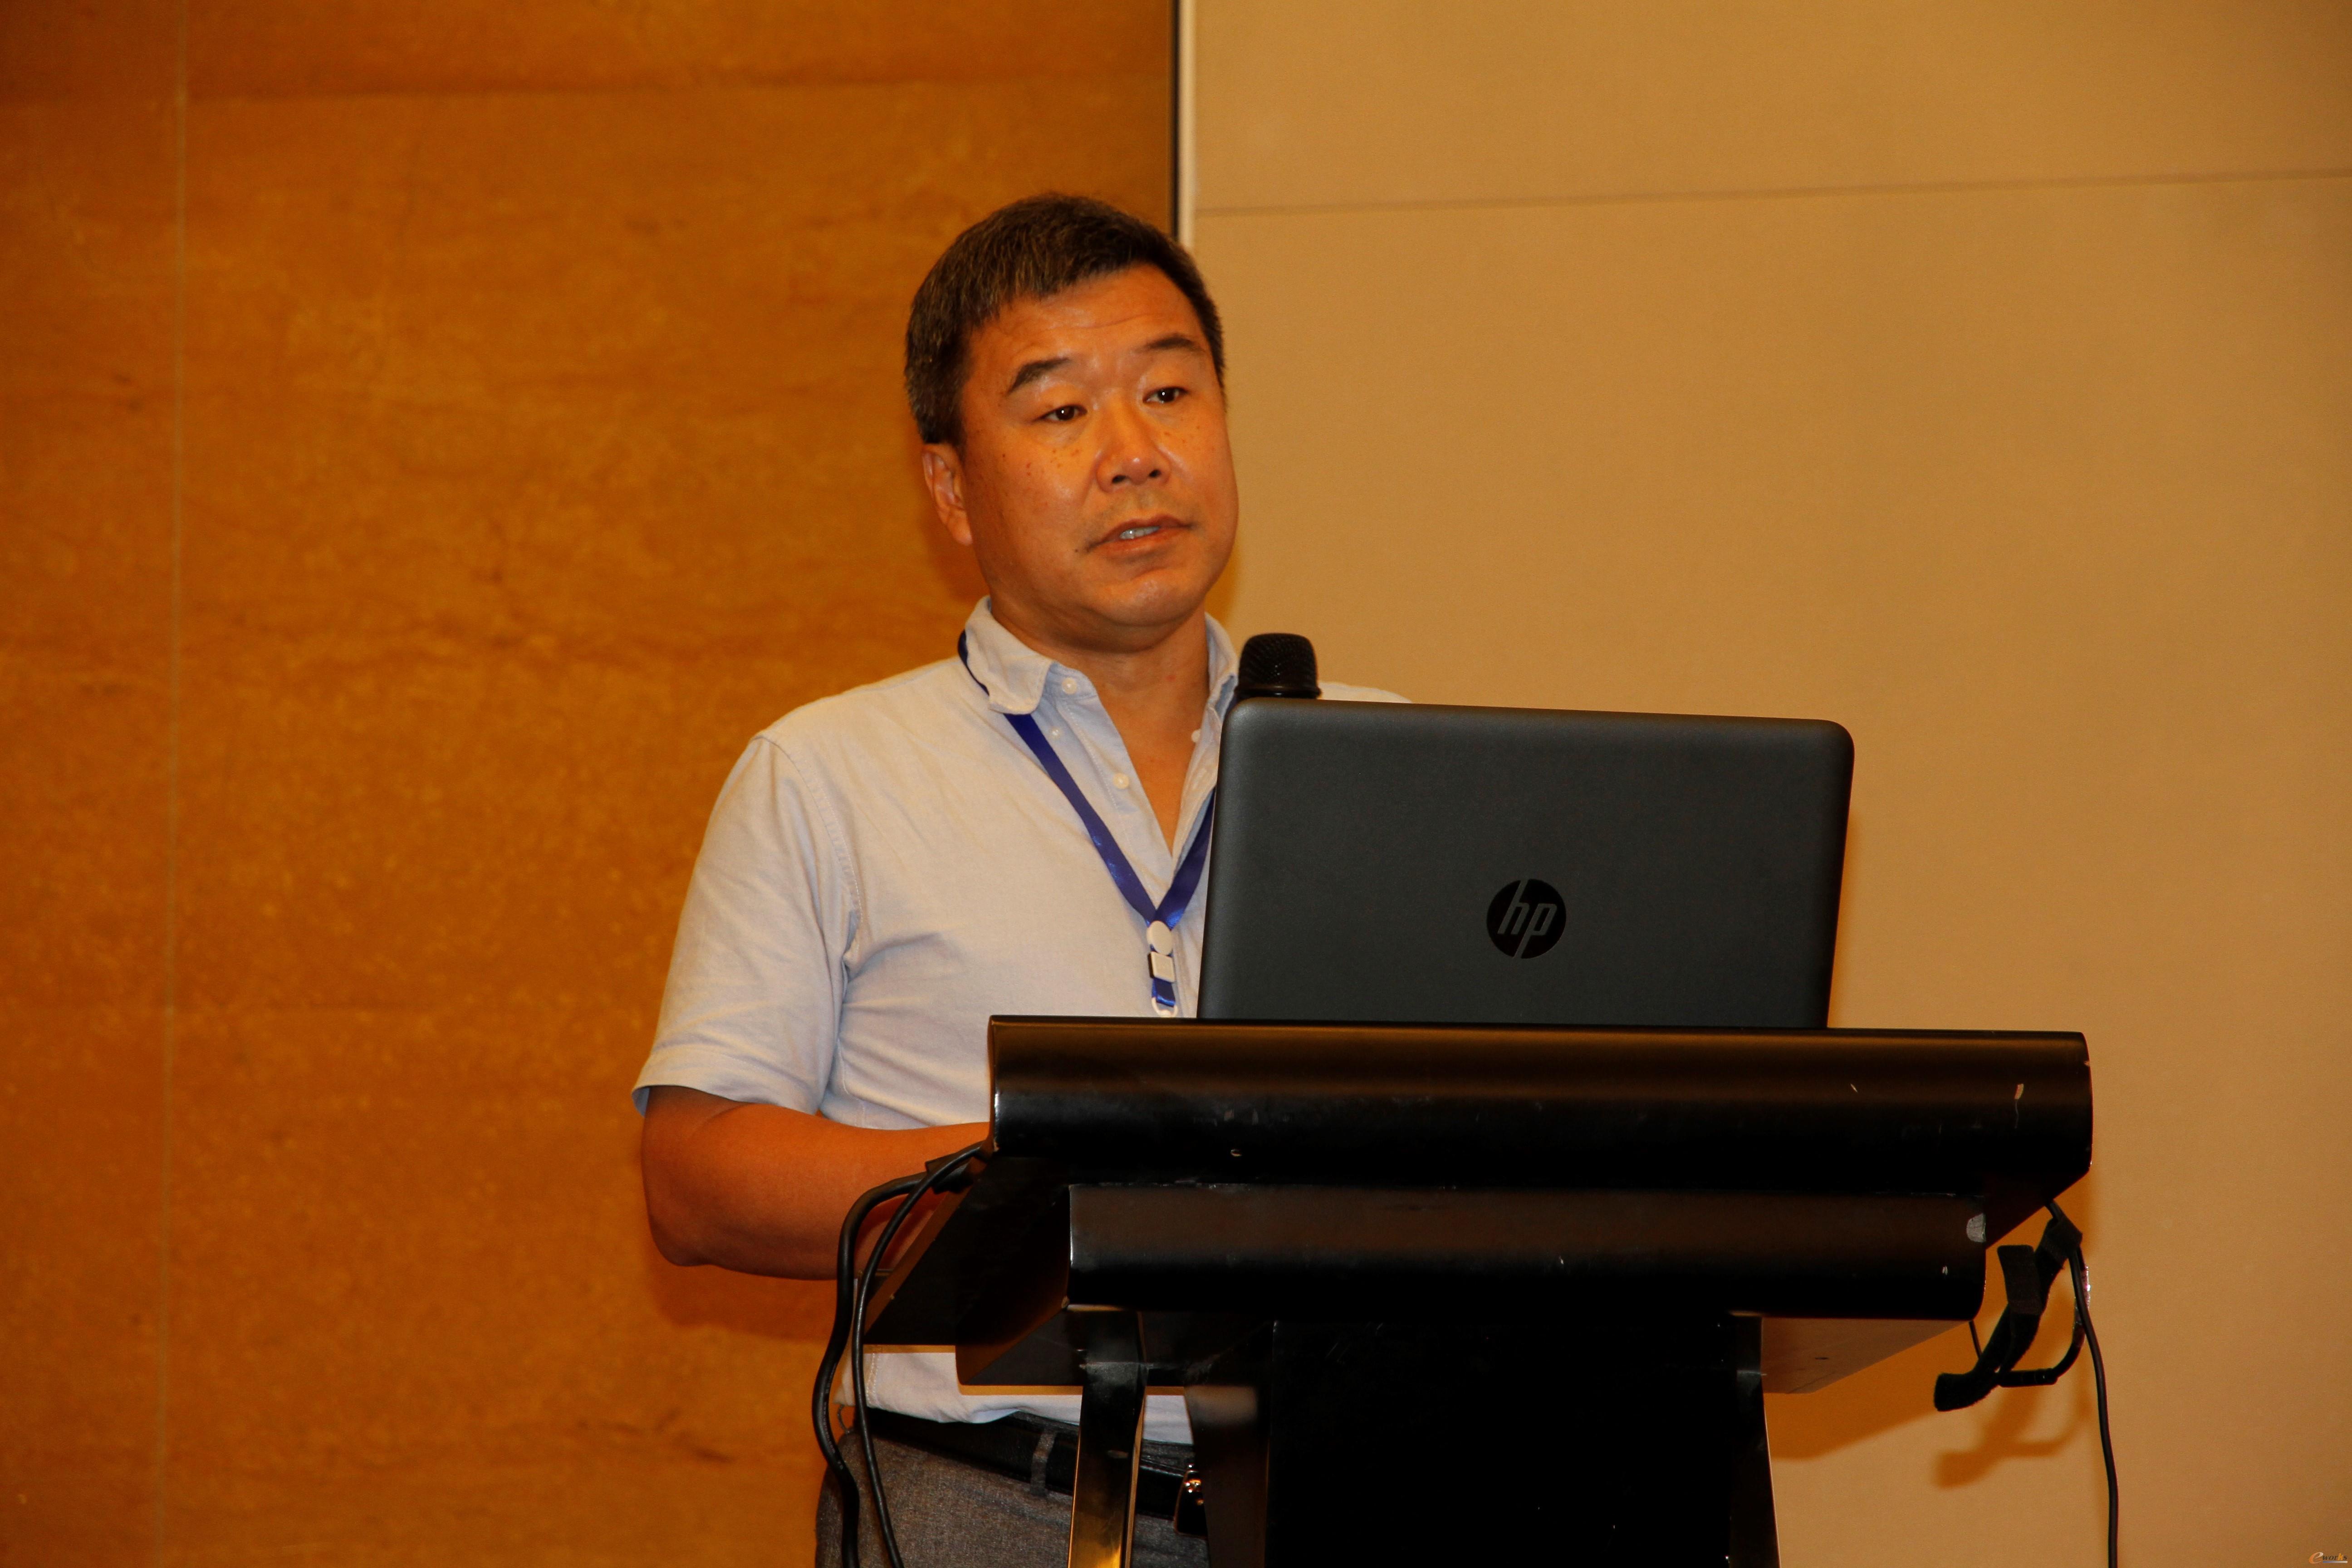 上海交通大学机械与动力学院王成恩教授